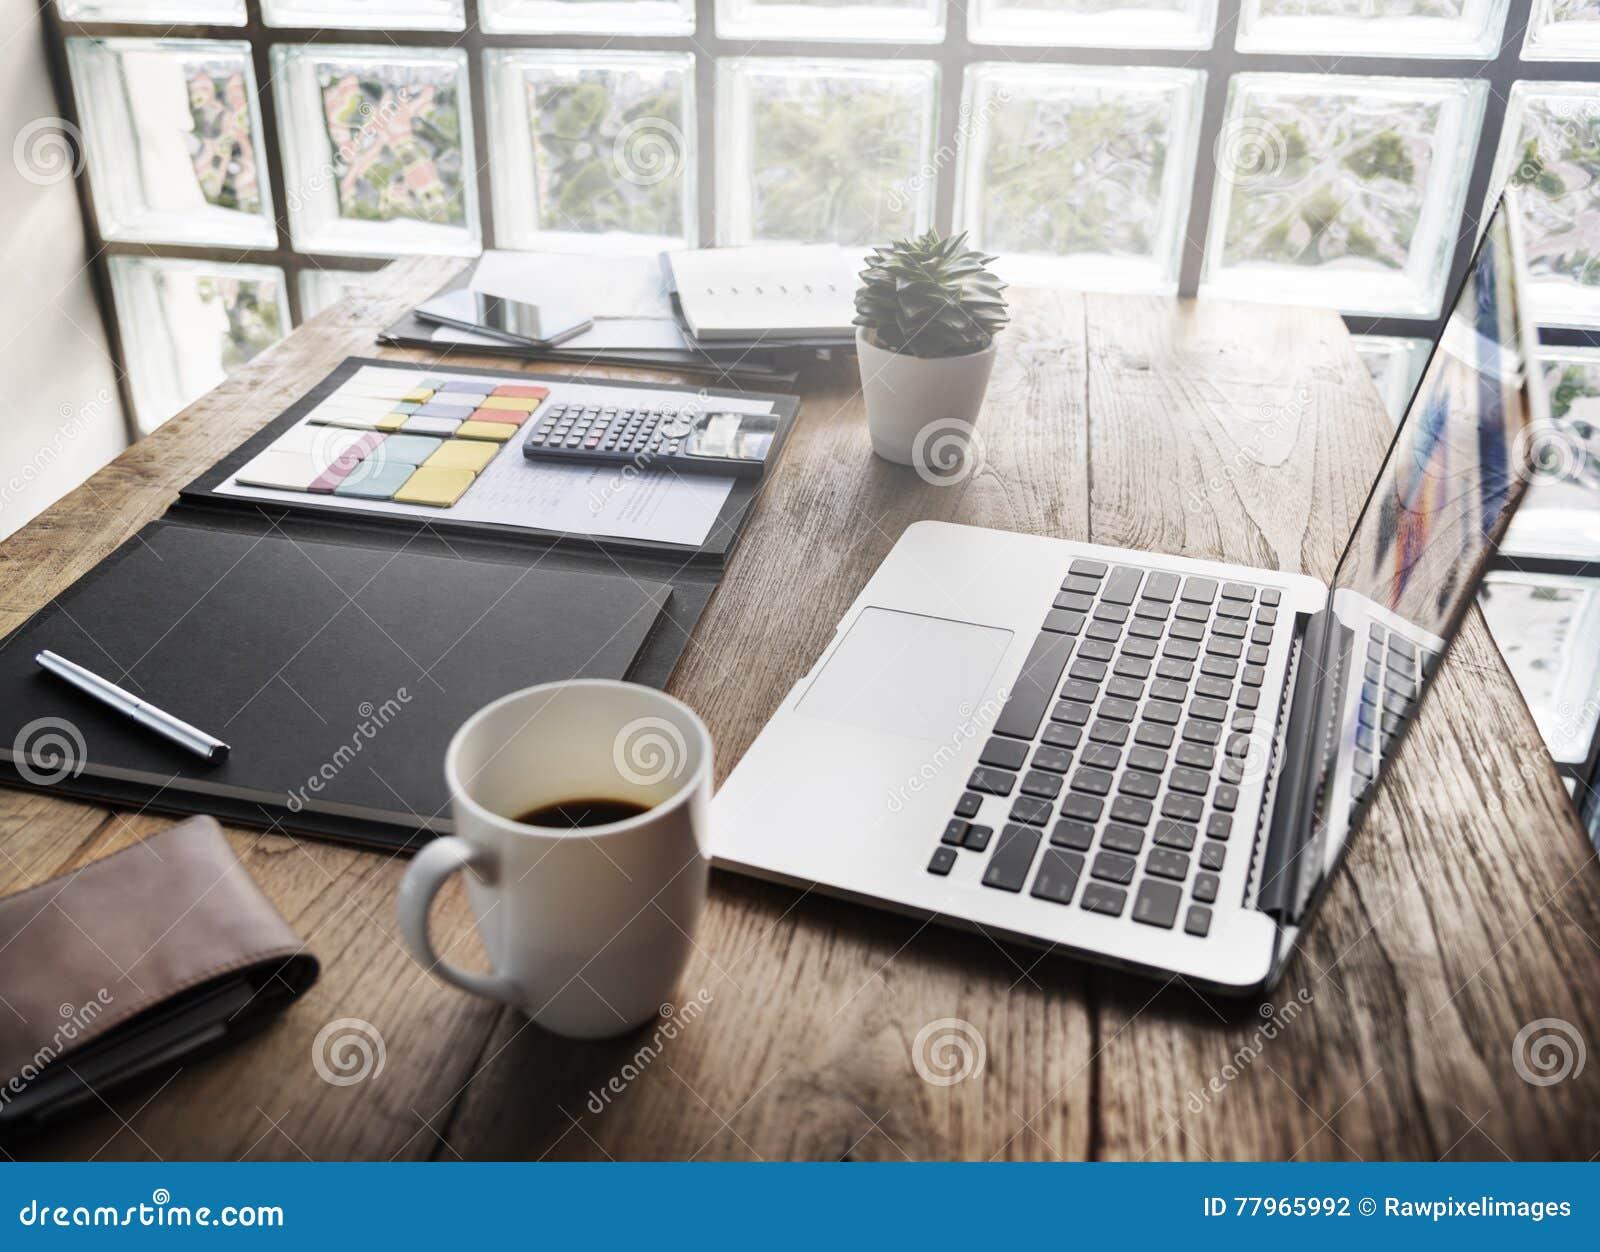 Chaotischer schreibtisch  Arbeitsplatz Büro Schreibtisch | afdecker.com